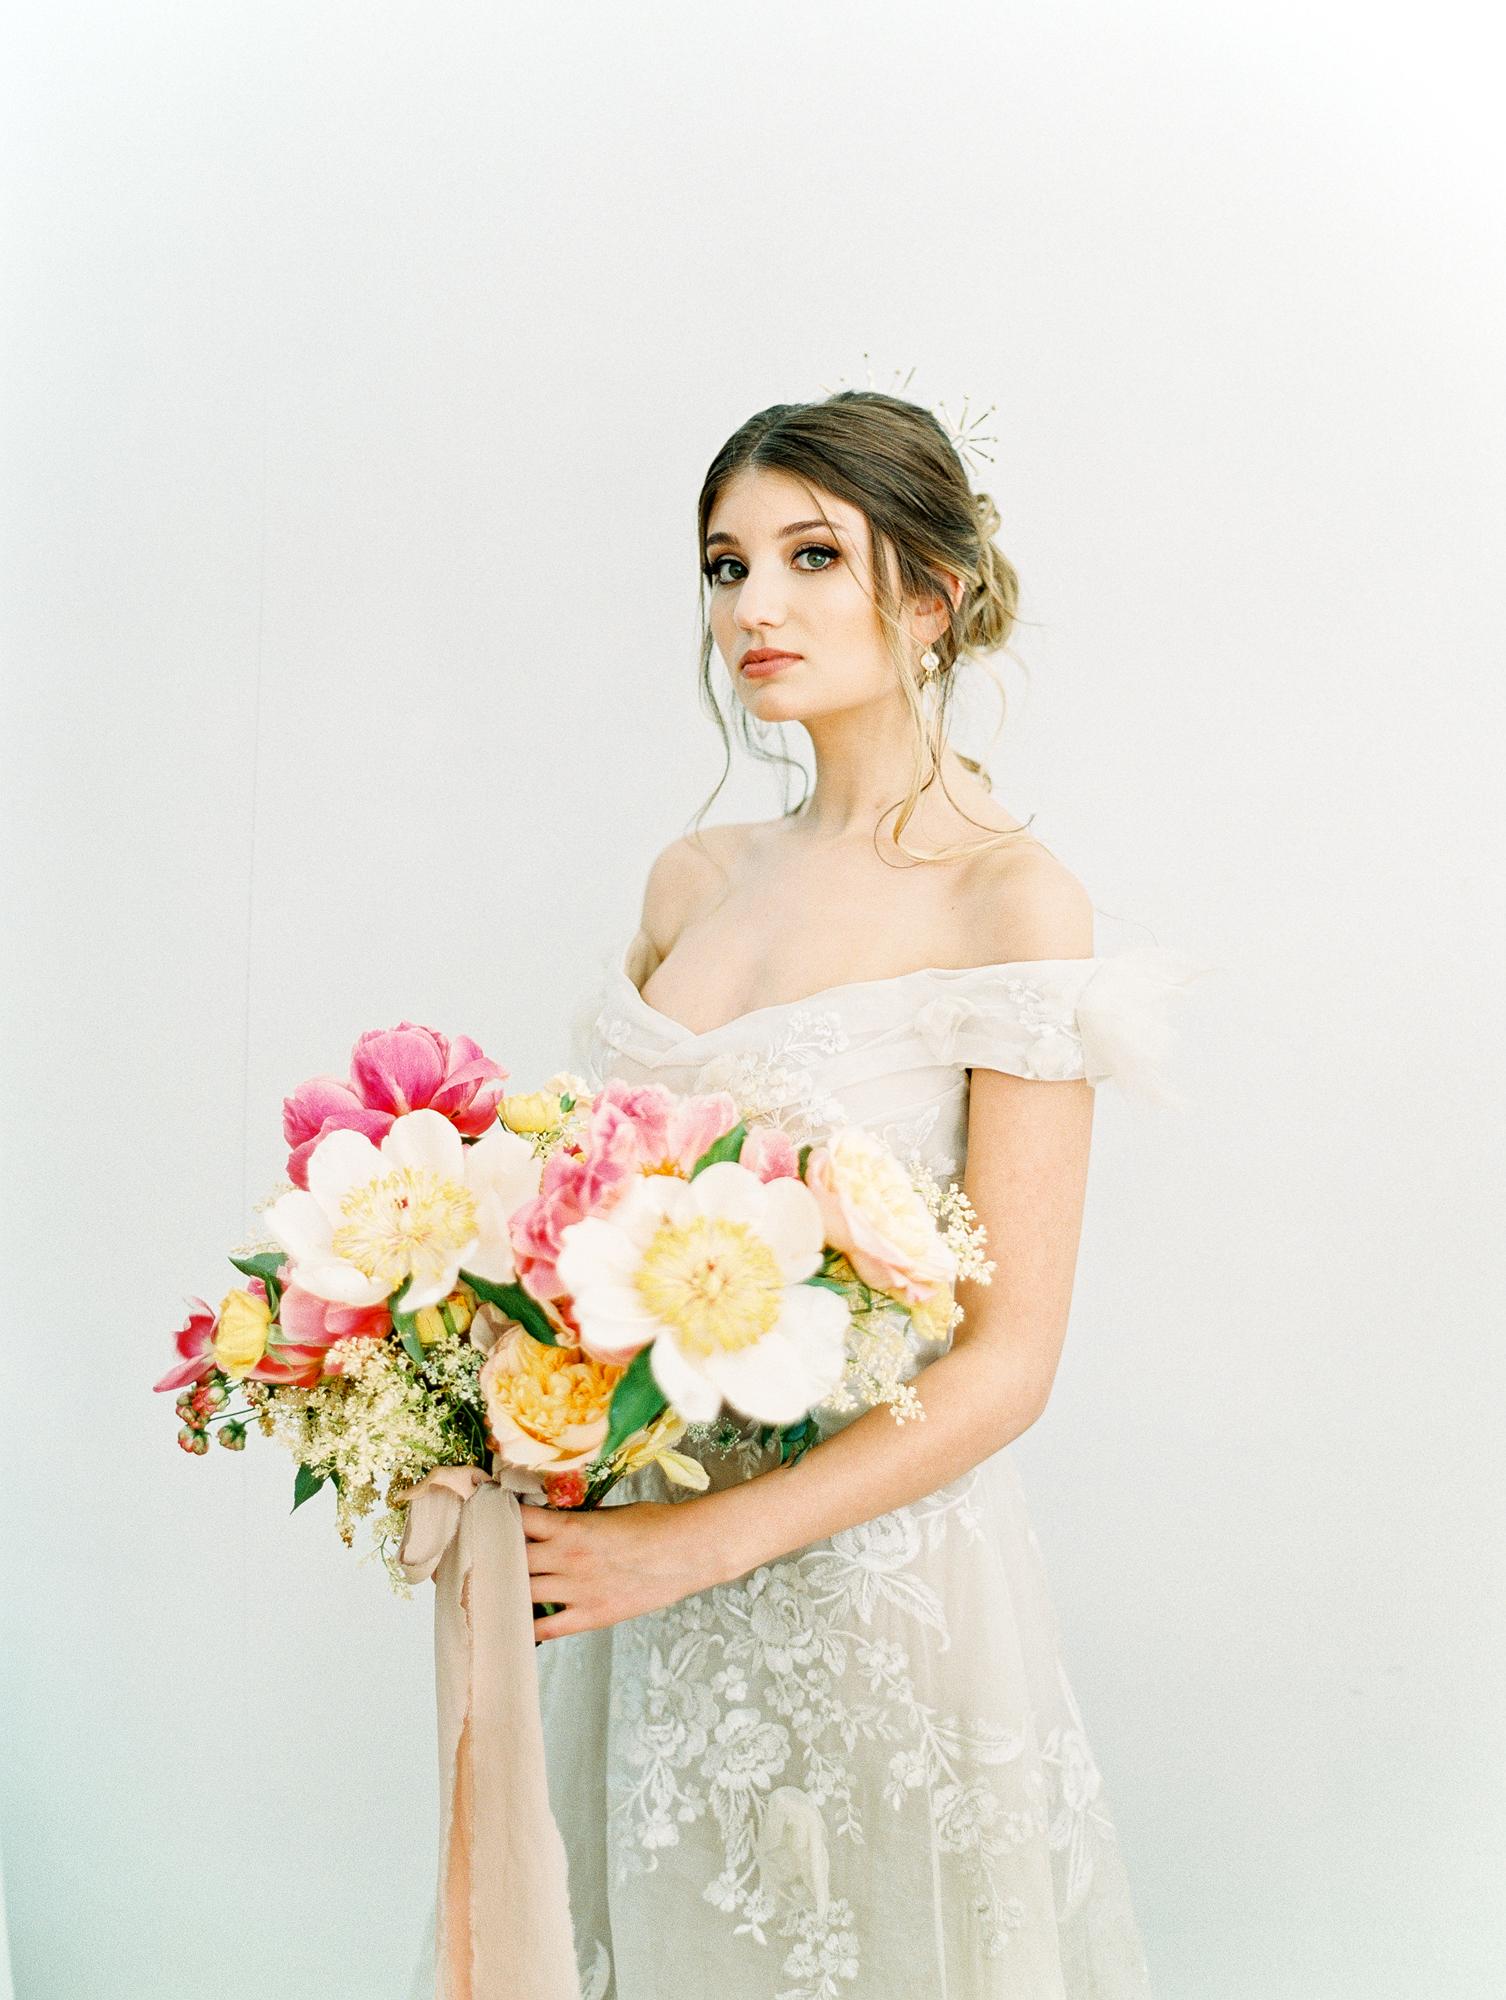 manhattan new york bridal wedding bouquet film fine art photos